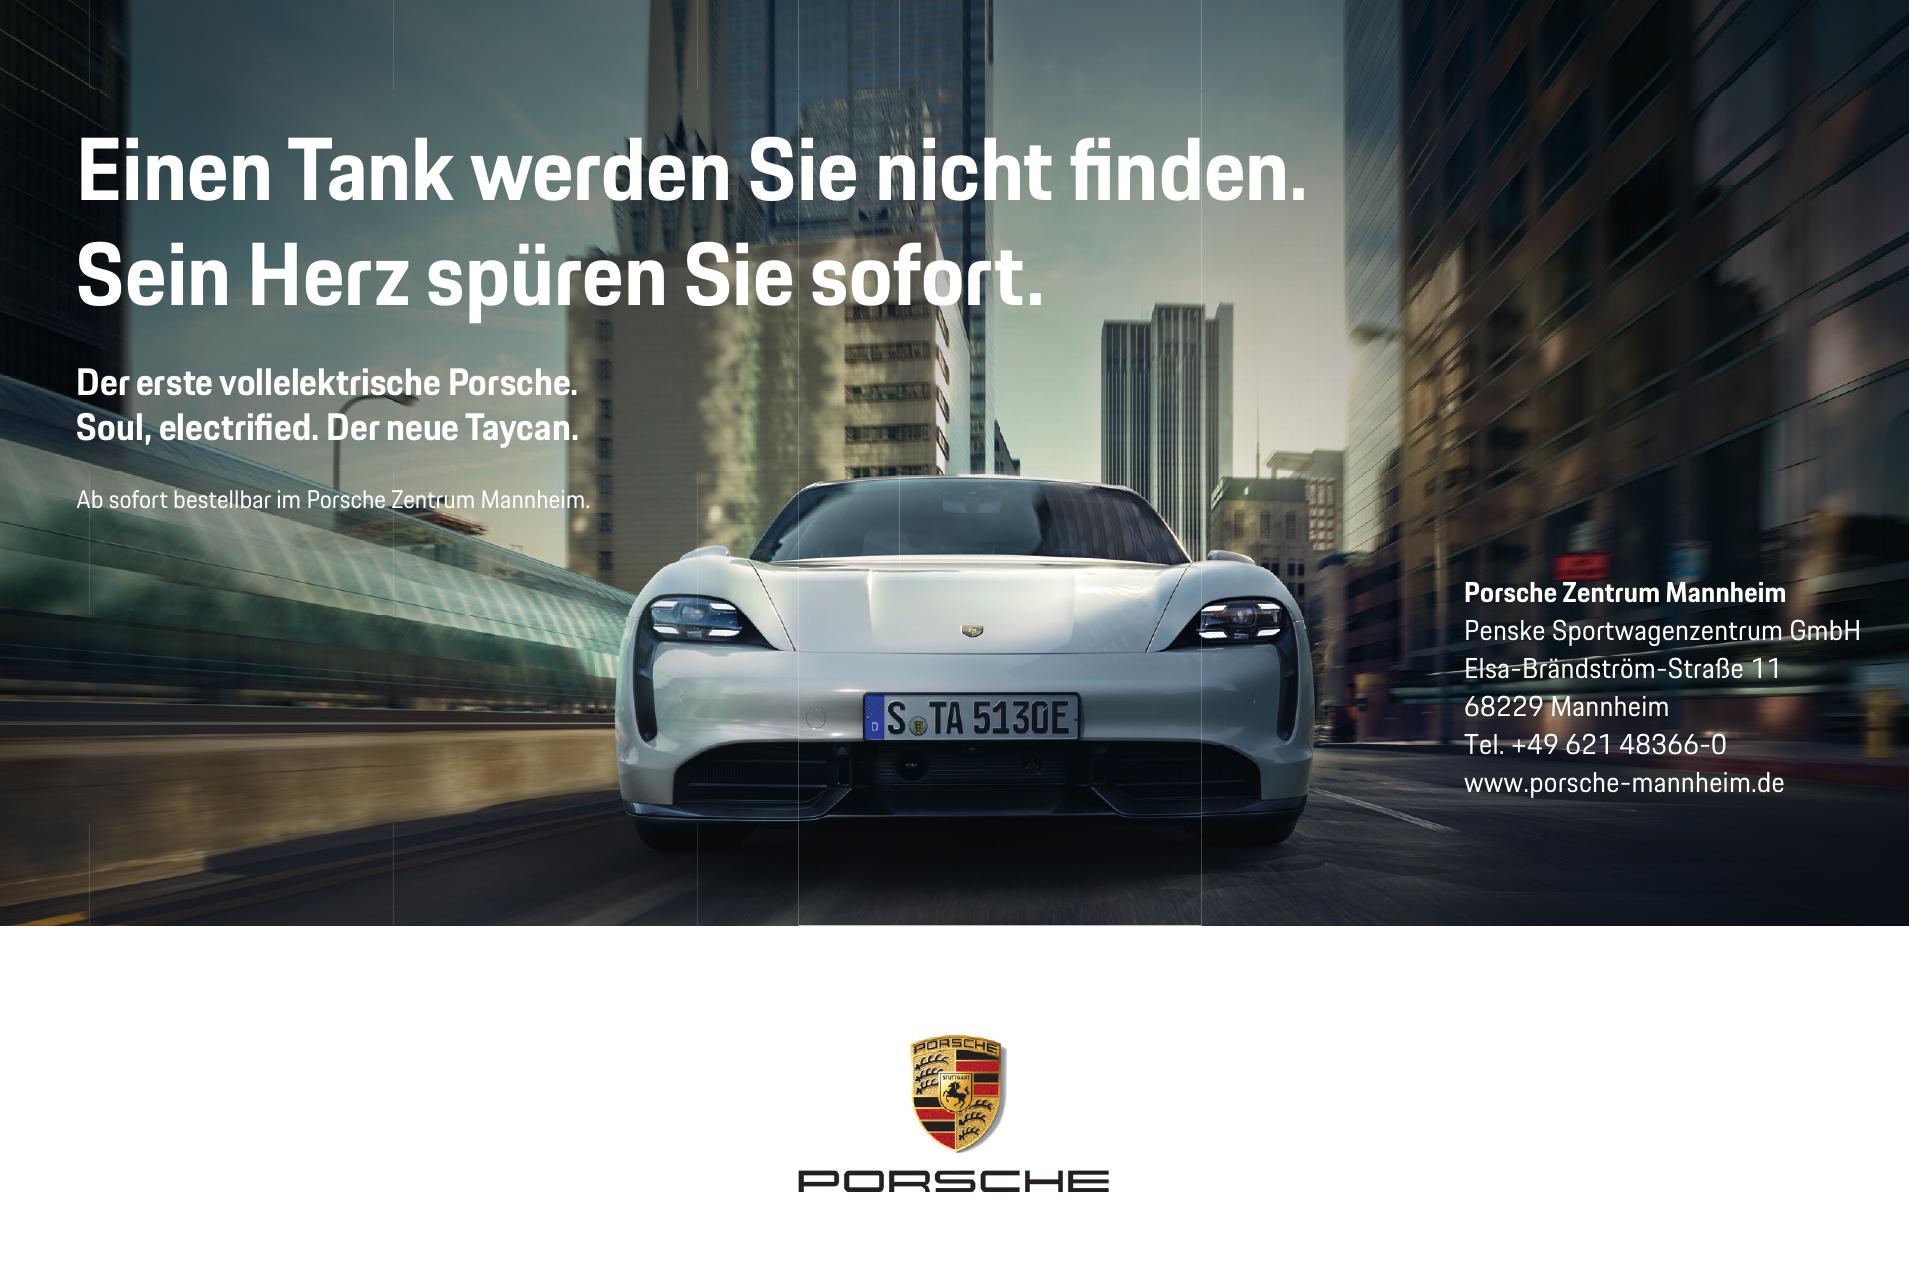 Porsche Zentrum Mannheim Penske Sportwagenzentrum GmbH